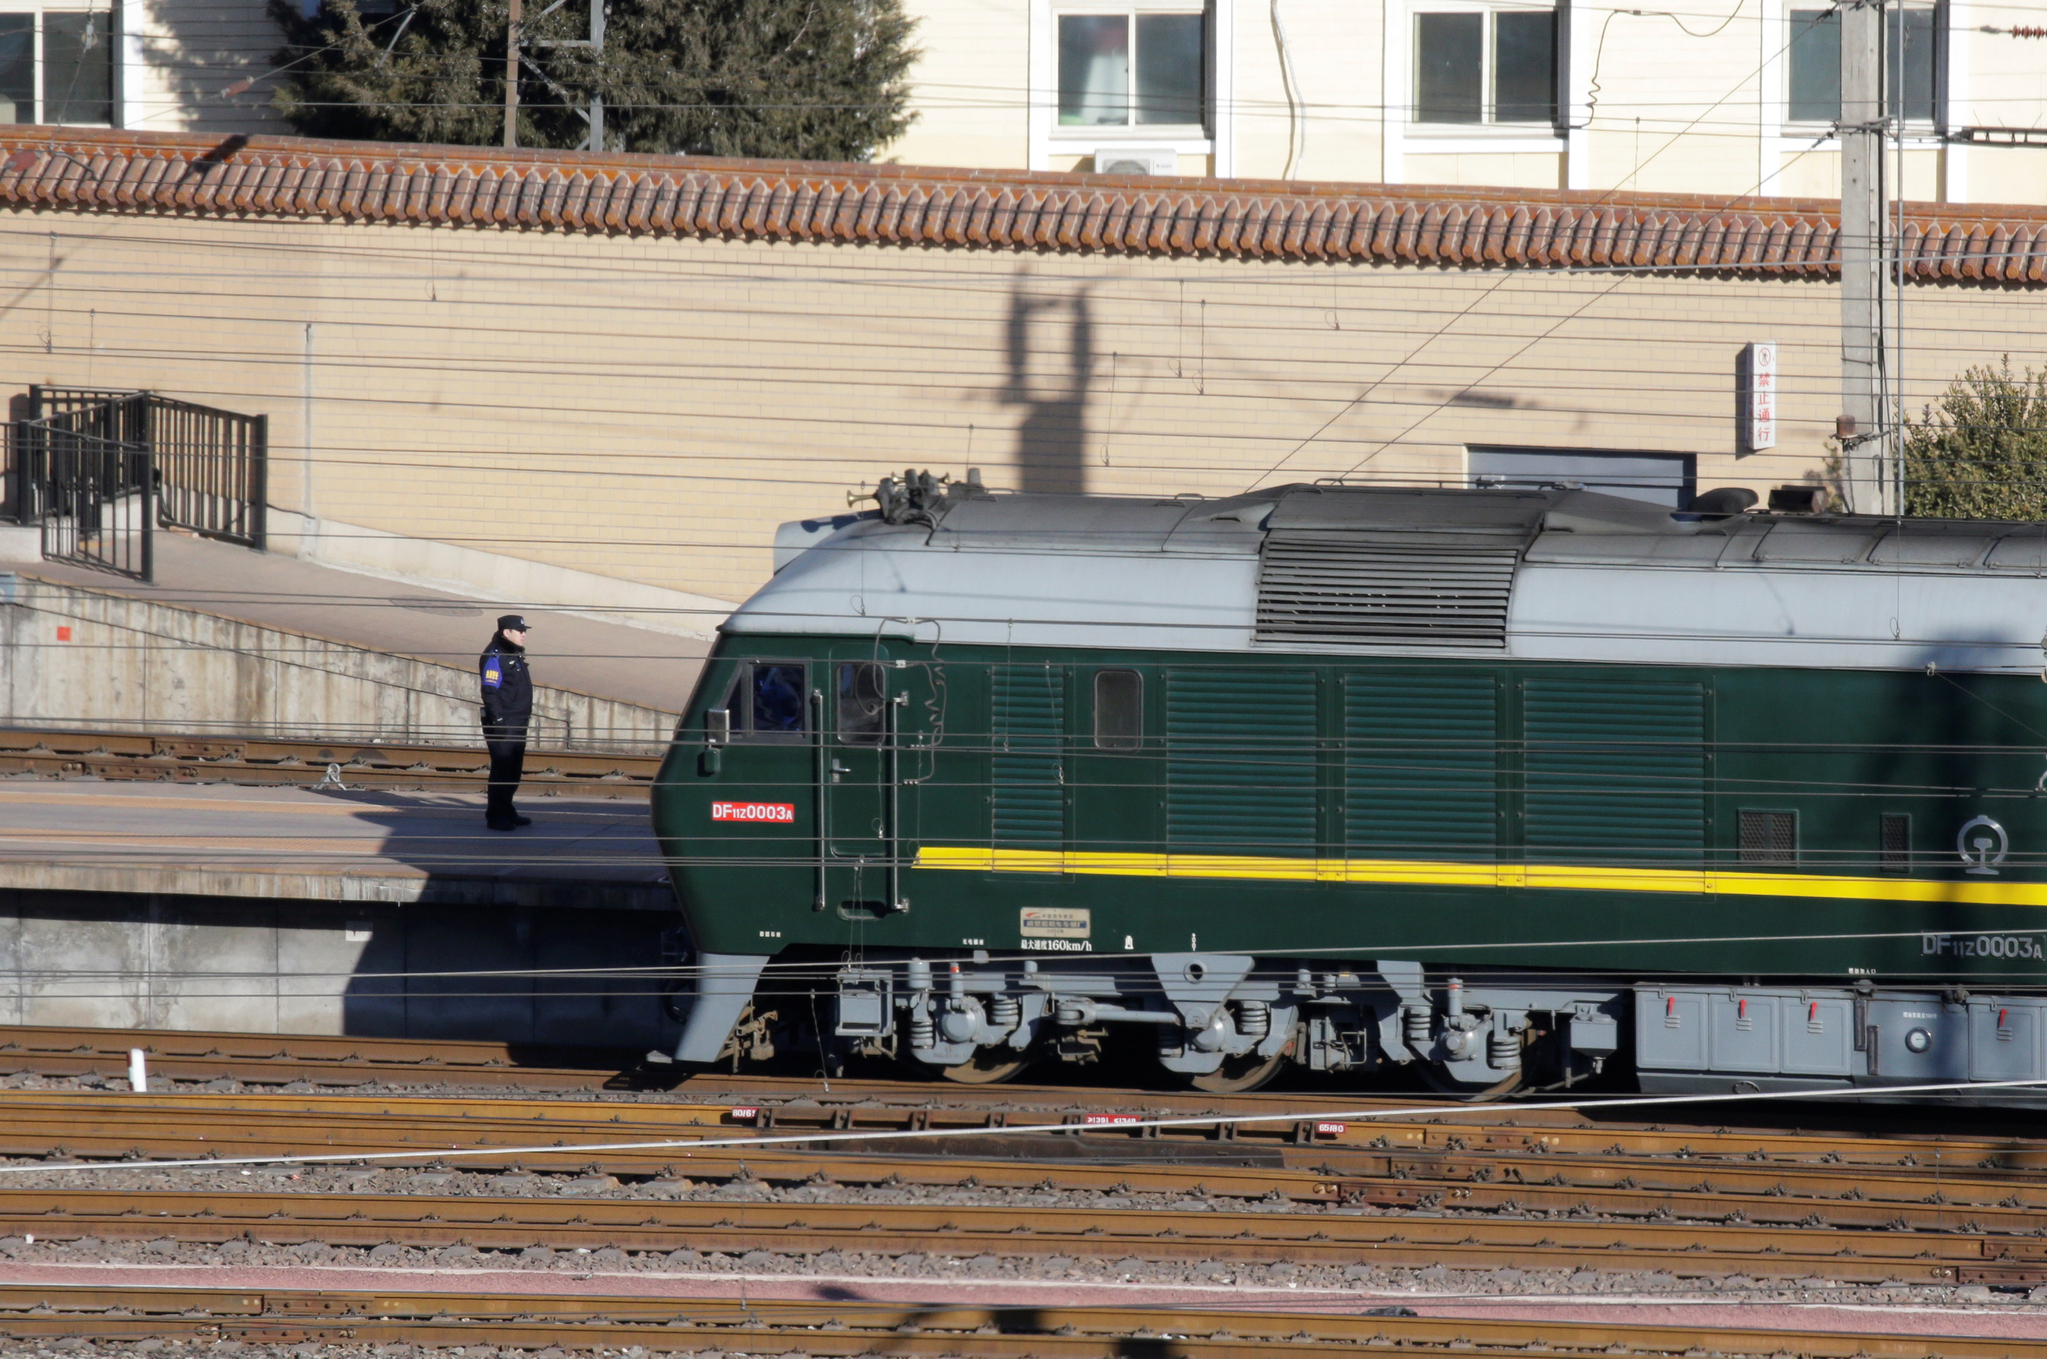 지난 1월 8일 중국 베이징역에 김정은 북한 국무위원장의 열차가 정차해 있다. [로이터=연합뉴스]